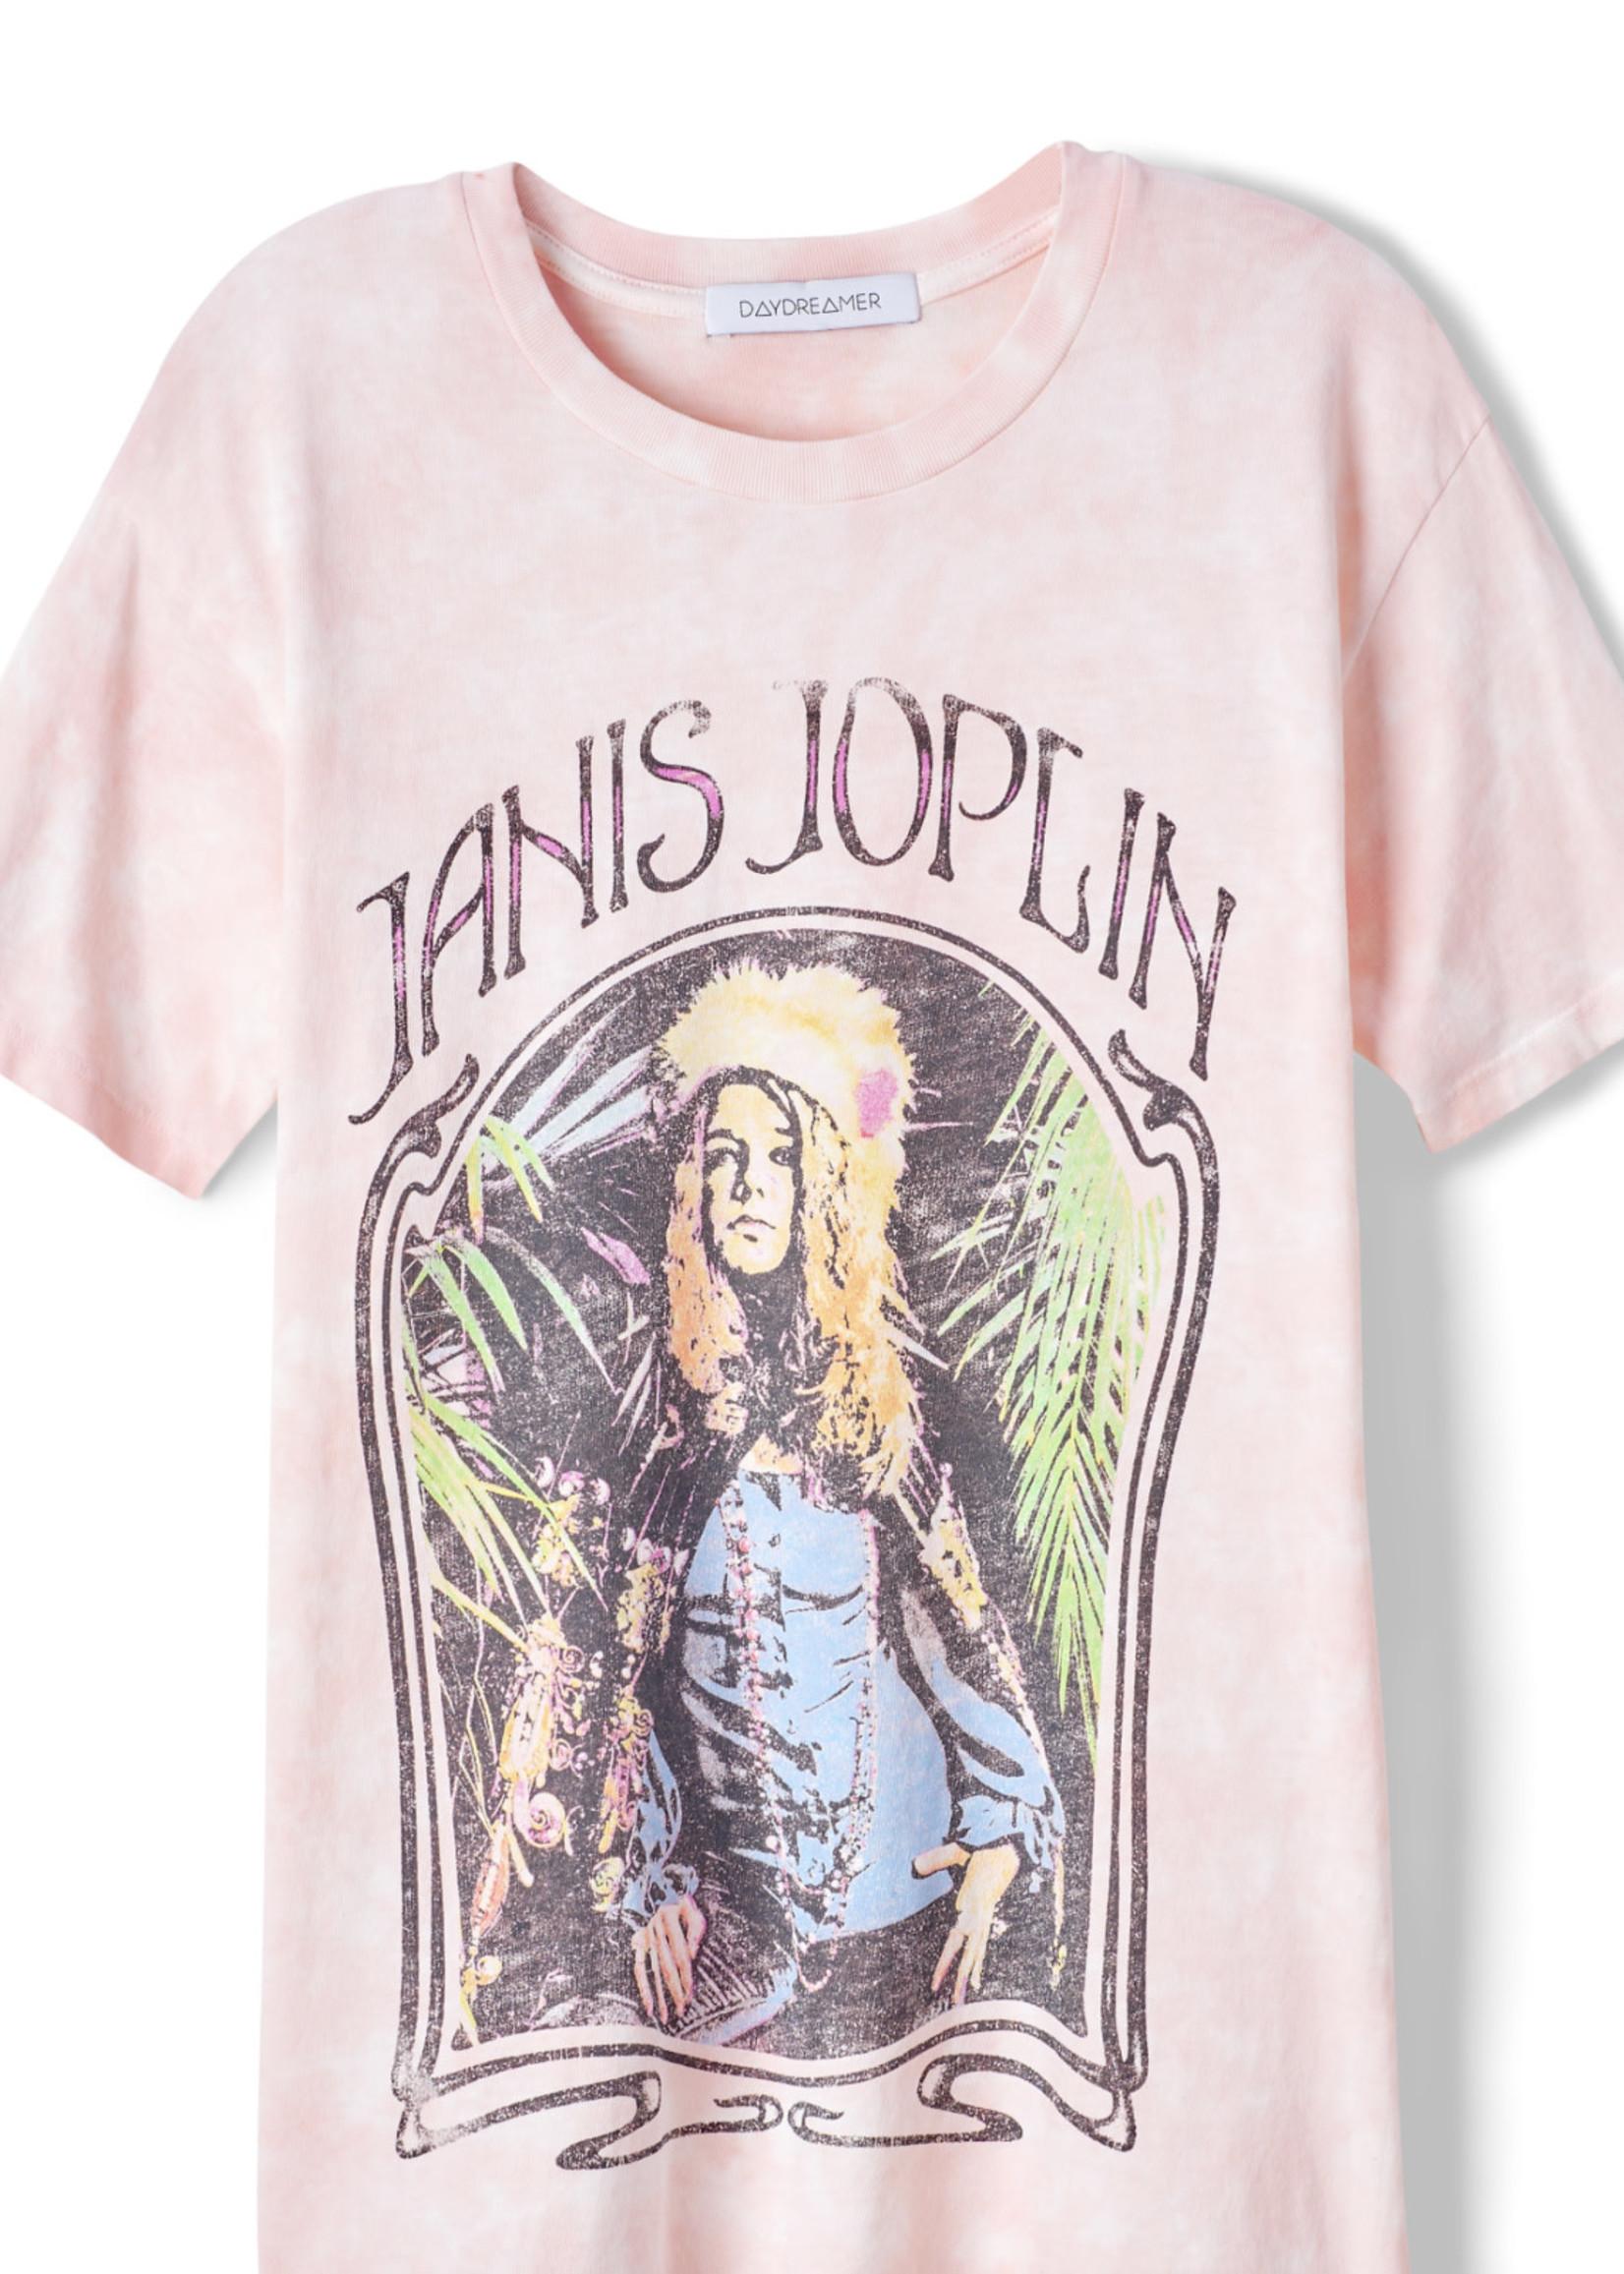 DayDreamer Janis Joplin Art Nouveaux Tee